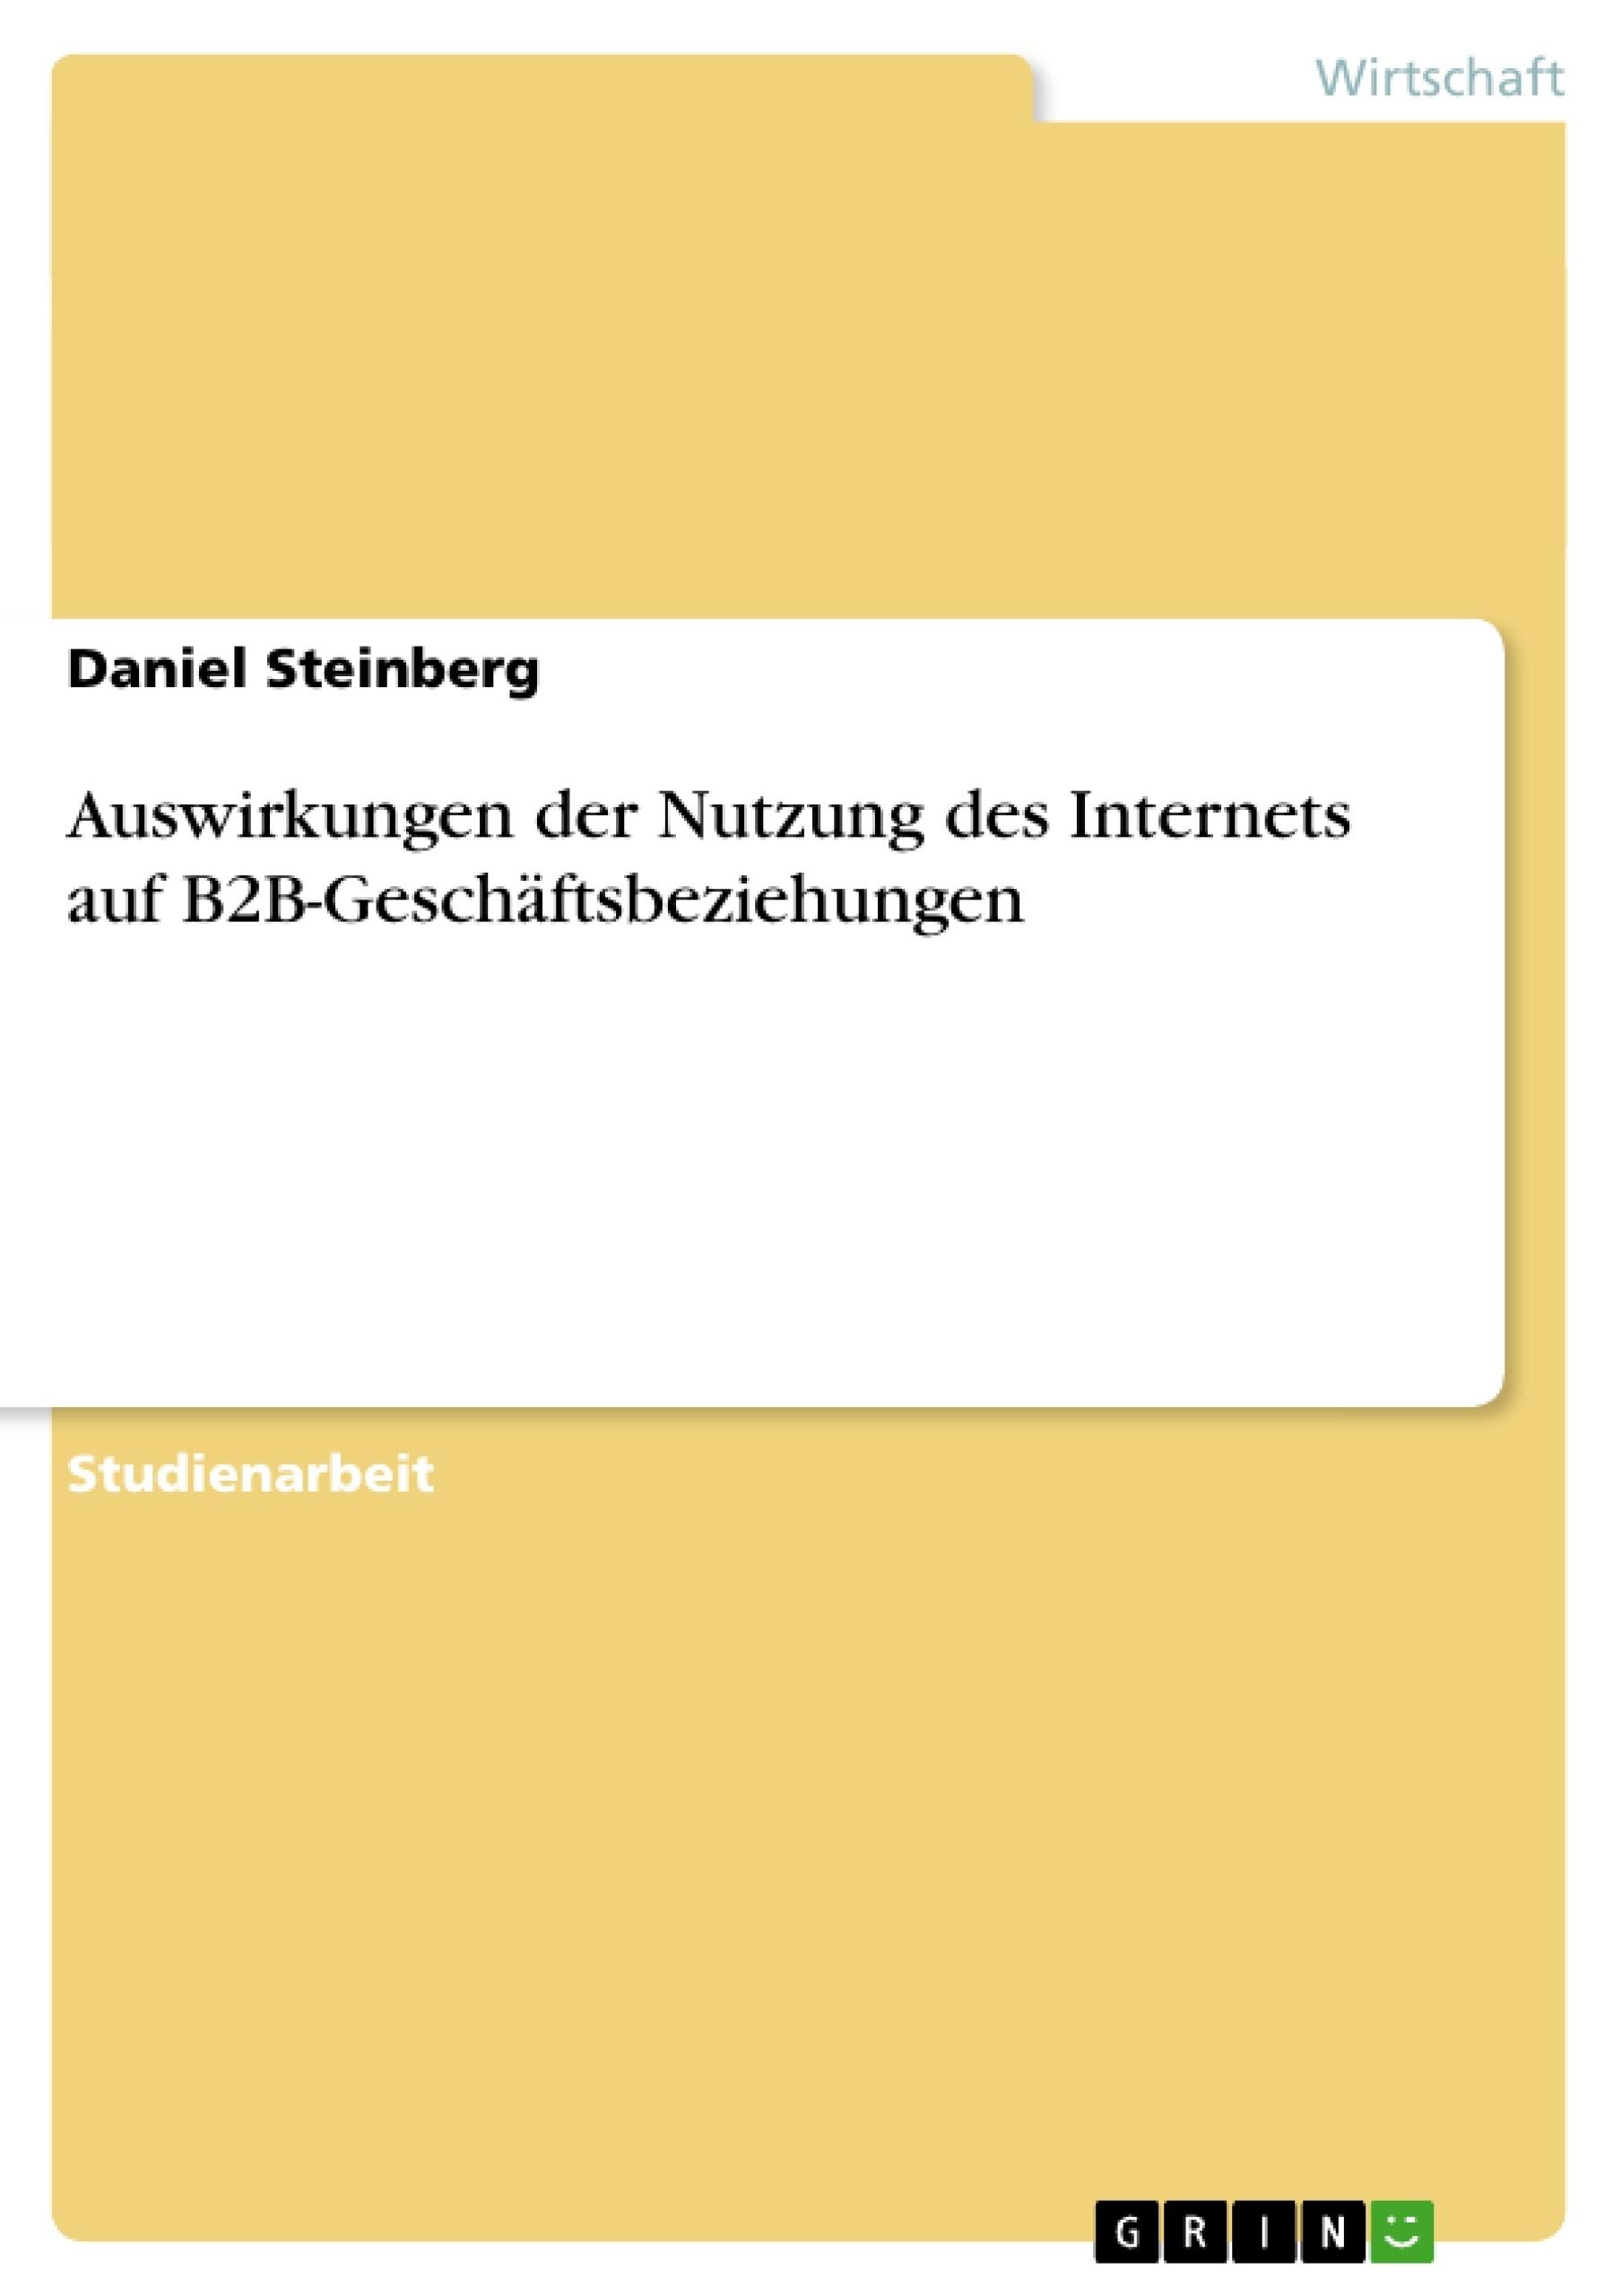 Titel: Auswirkungen der Nutzung des Internets auf B2B-Geschäftsbeziehungen